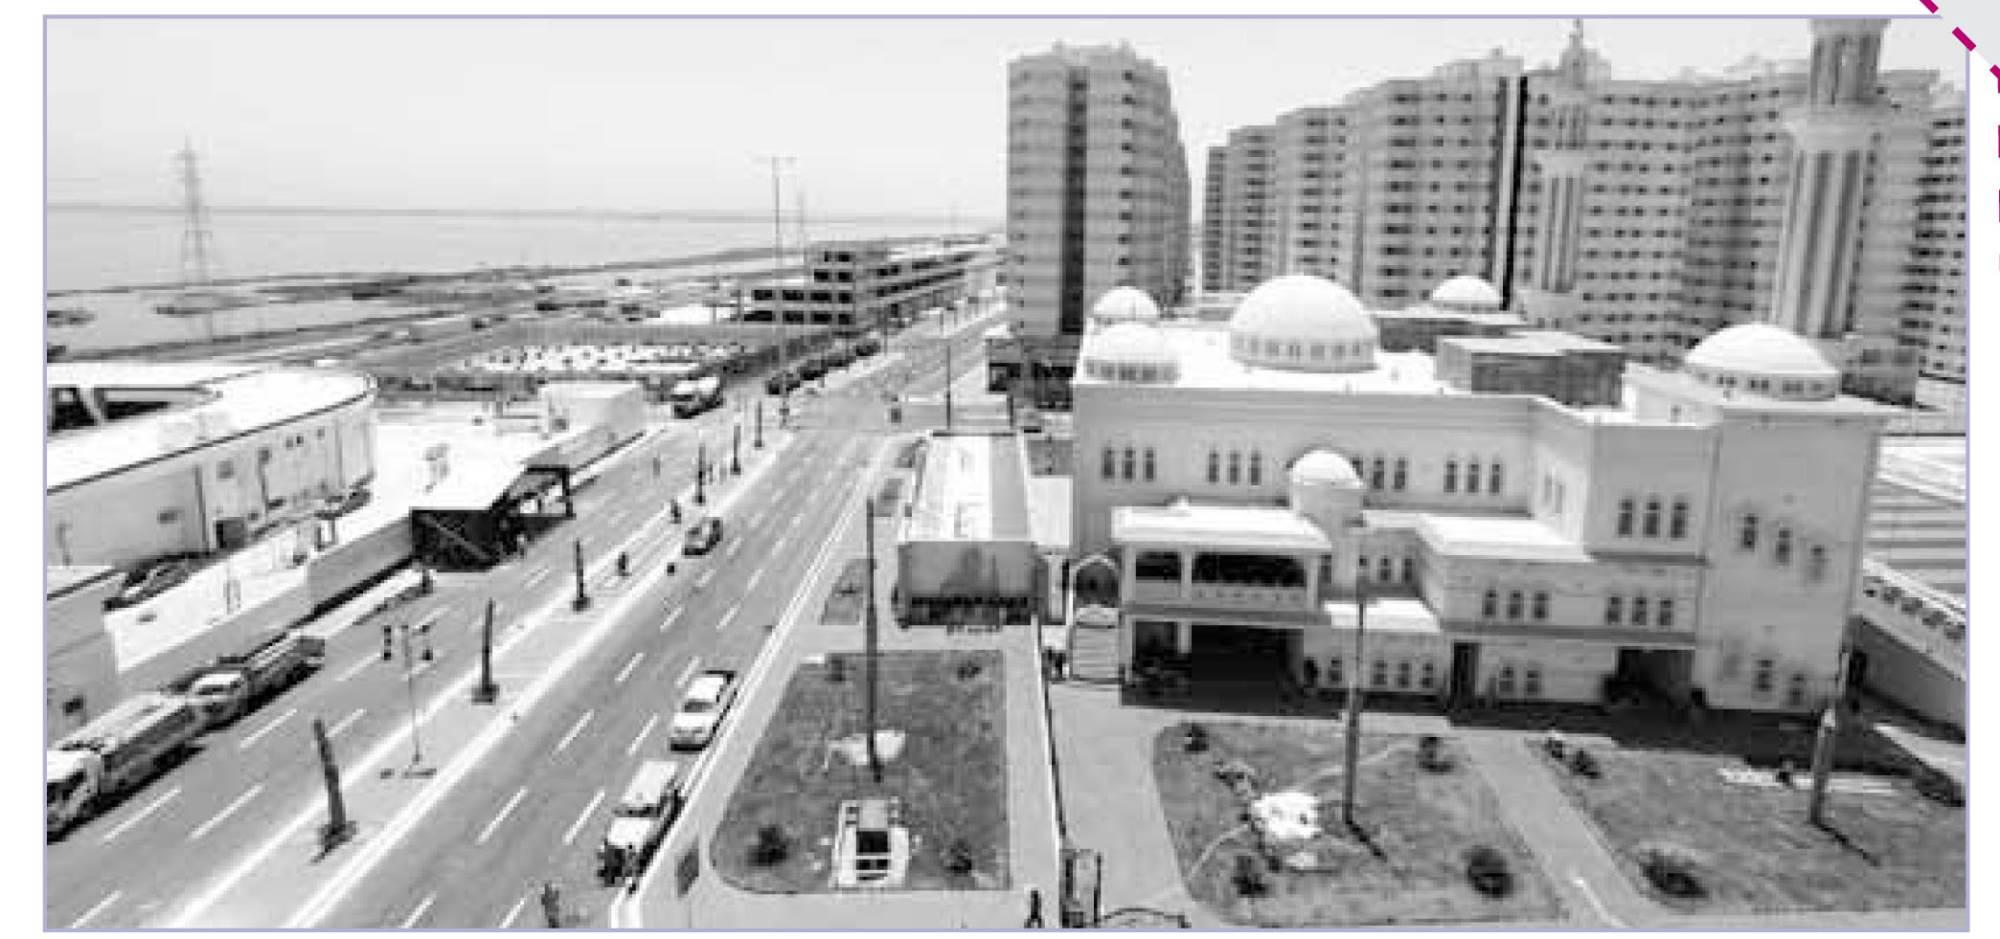 تطوير شامل للمناطق غير الآمنة بالاسكندرية